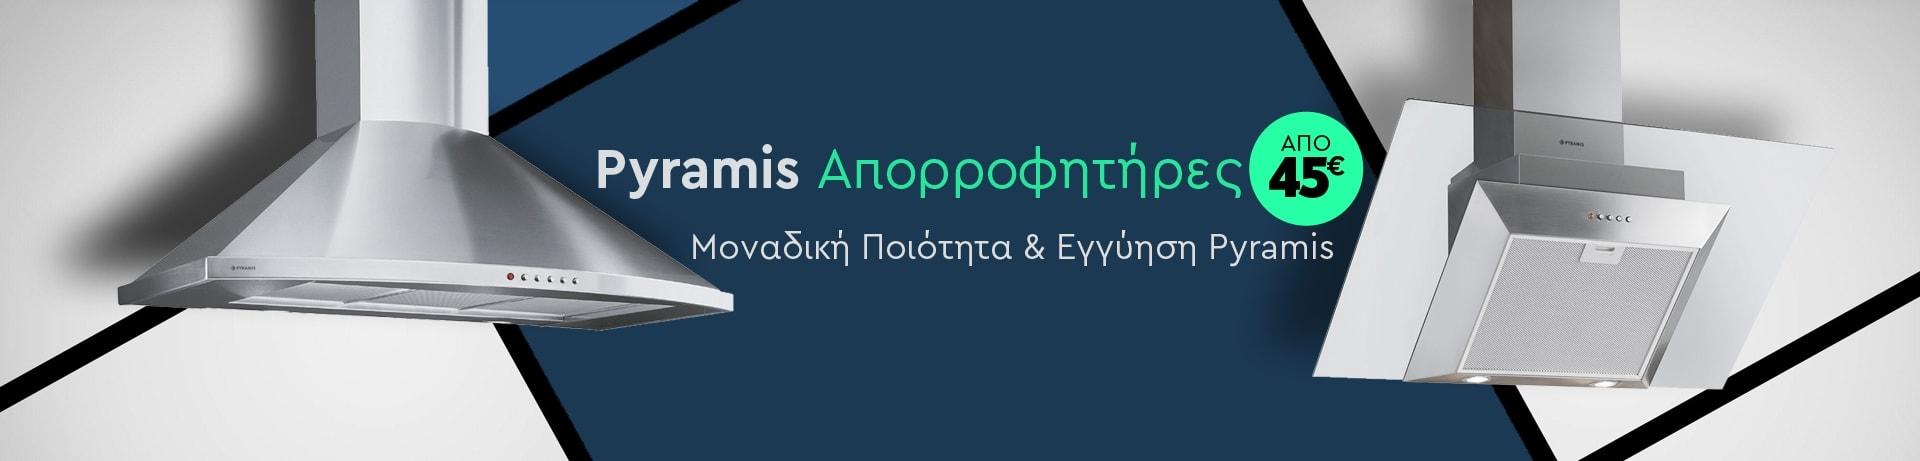 Απορροφητήρες Pyramis